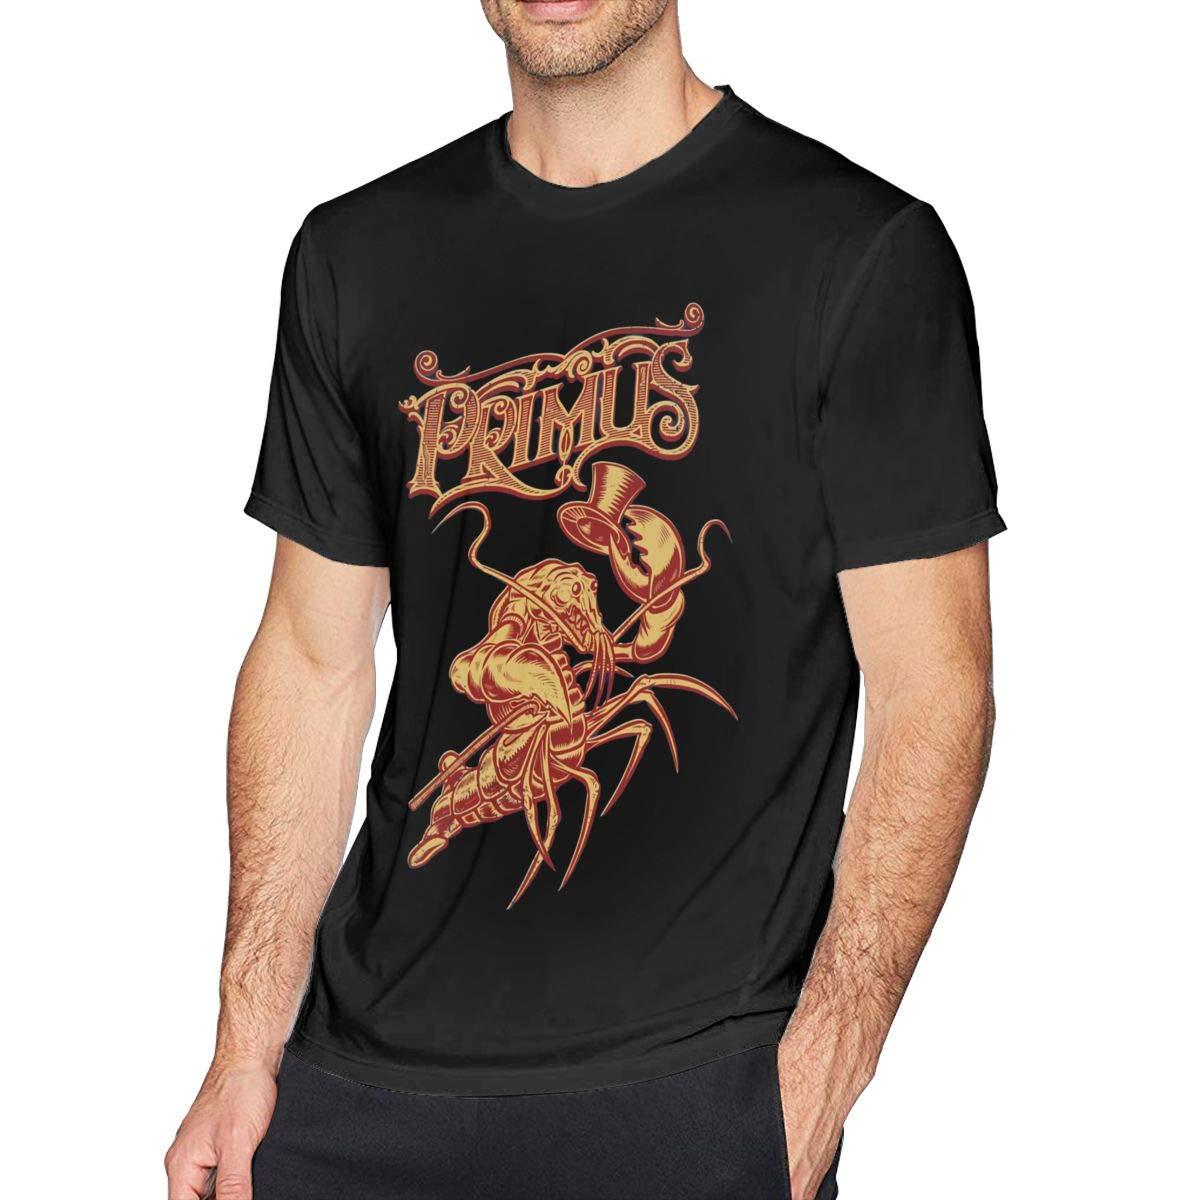 S Particular Primus Tshirt Black